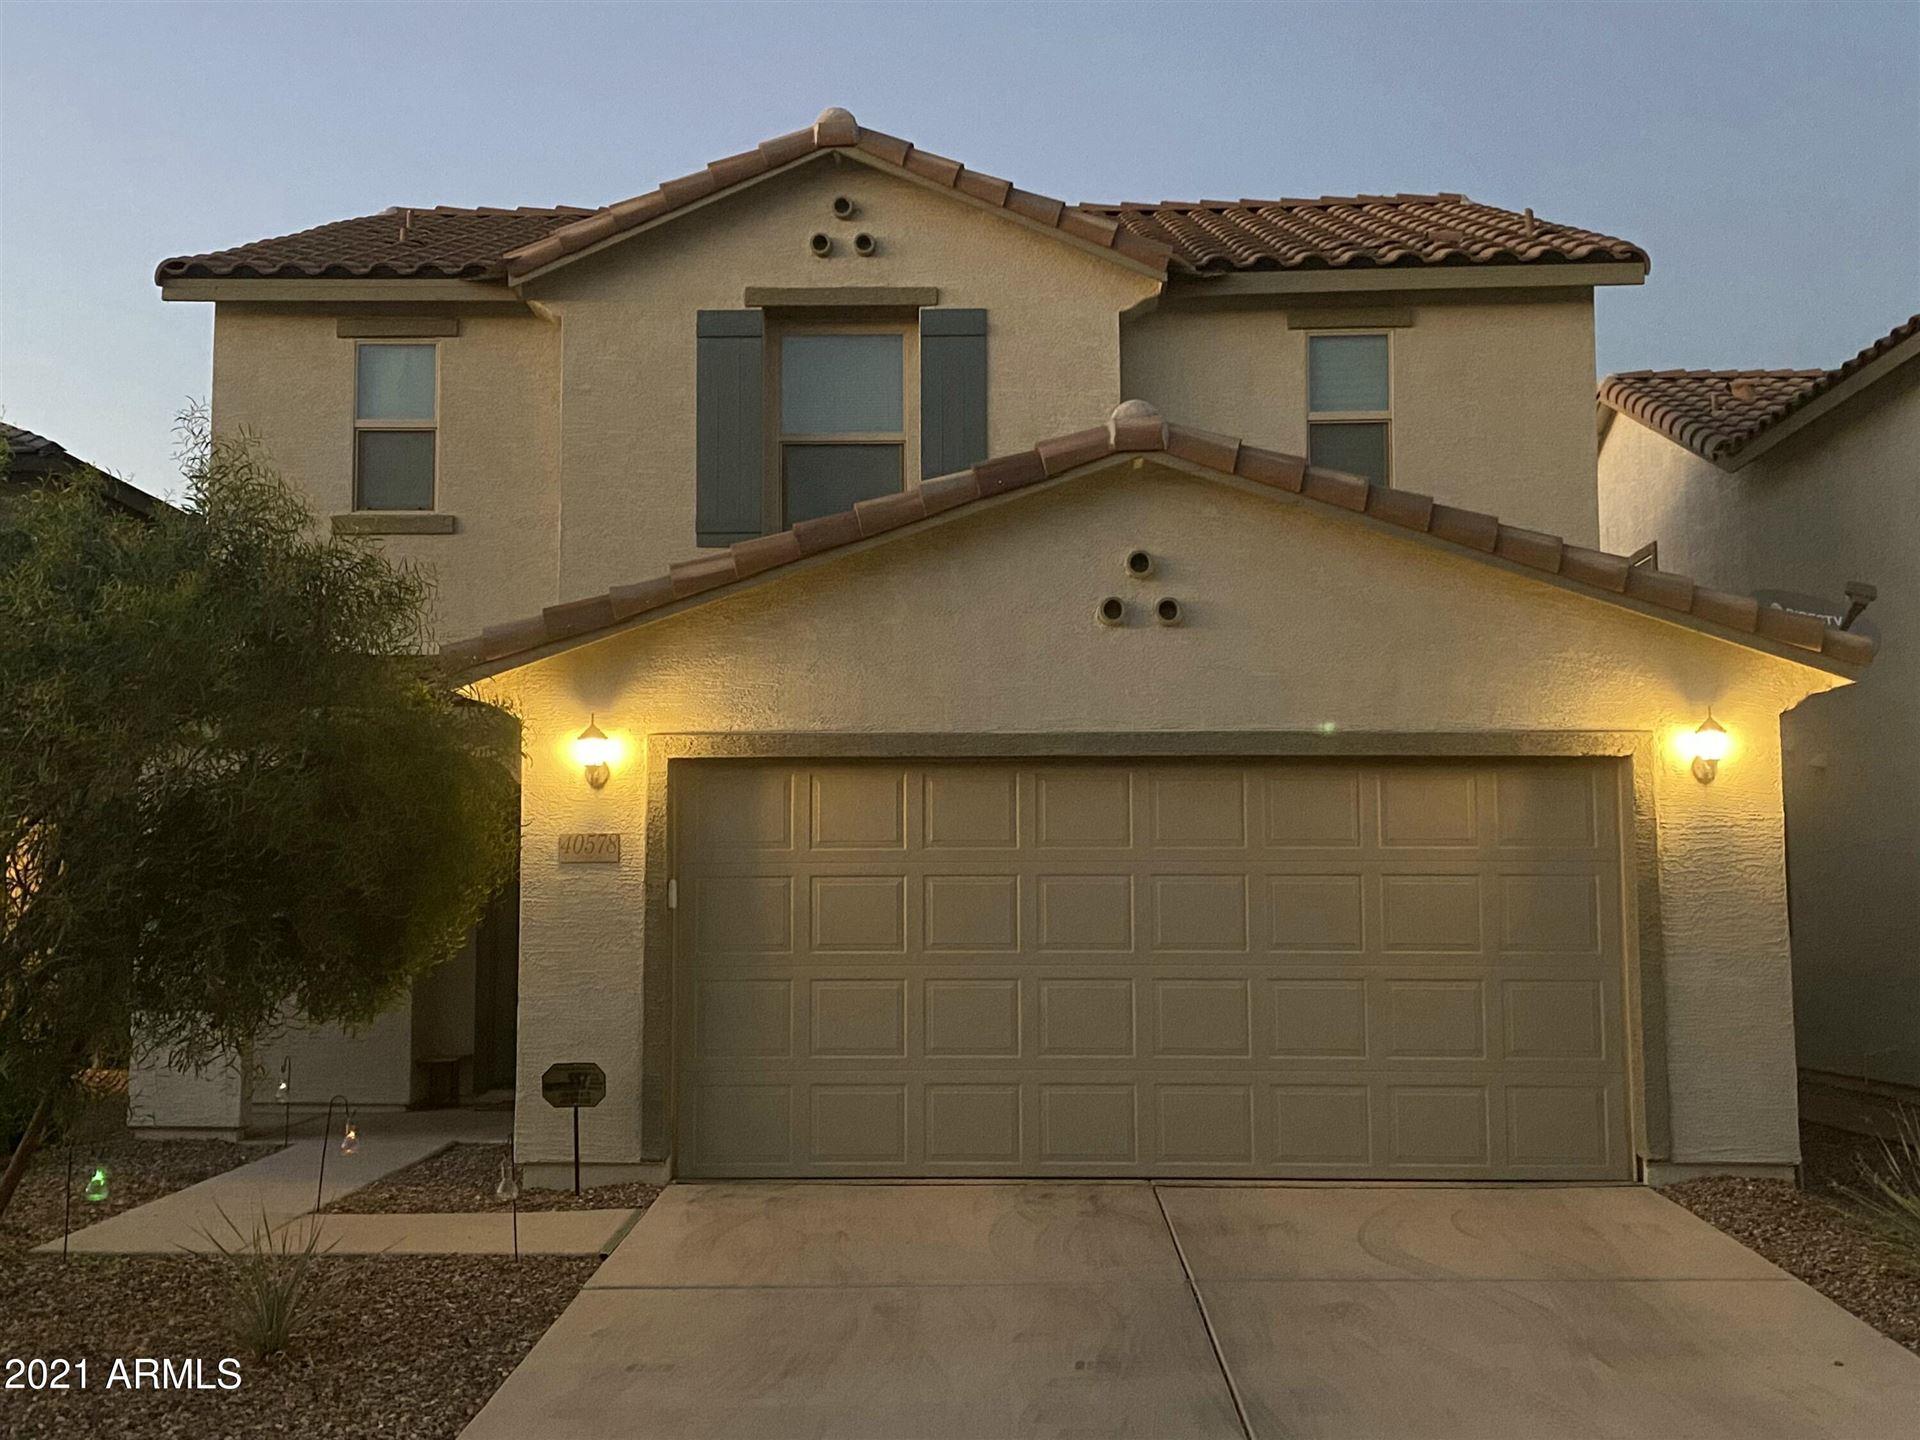 Photo of 40578 W Nicole Court, Maricopa, AZ 85138 (MLS # 6306931)